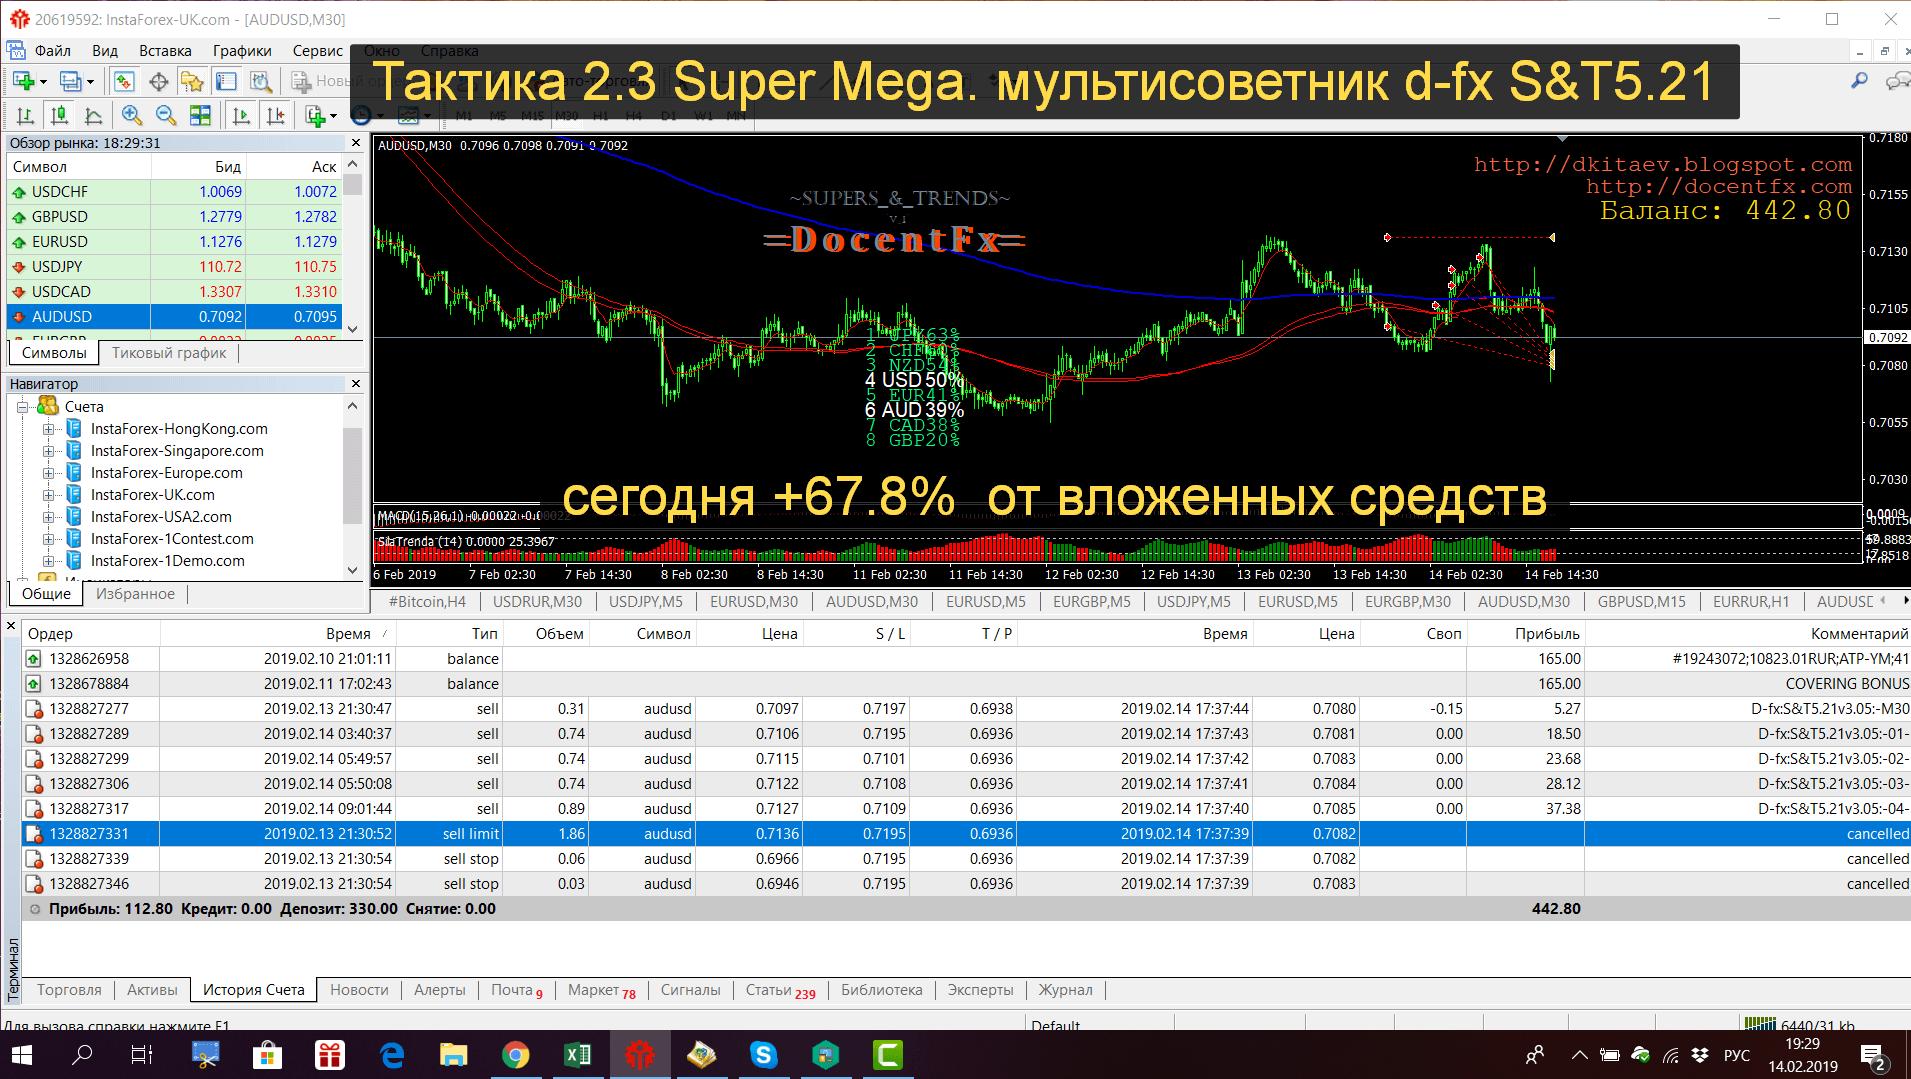 +67,8% за 14.02.19